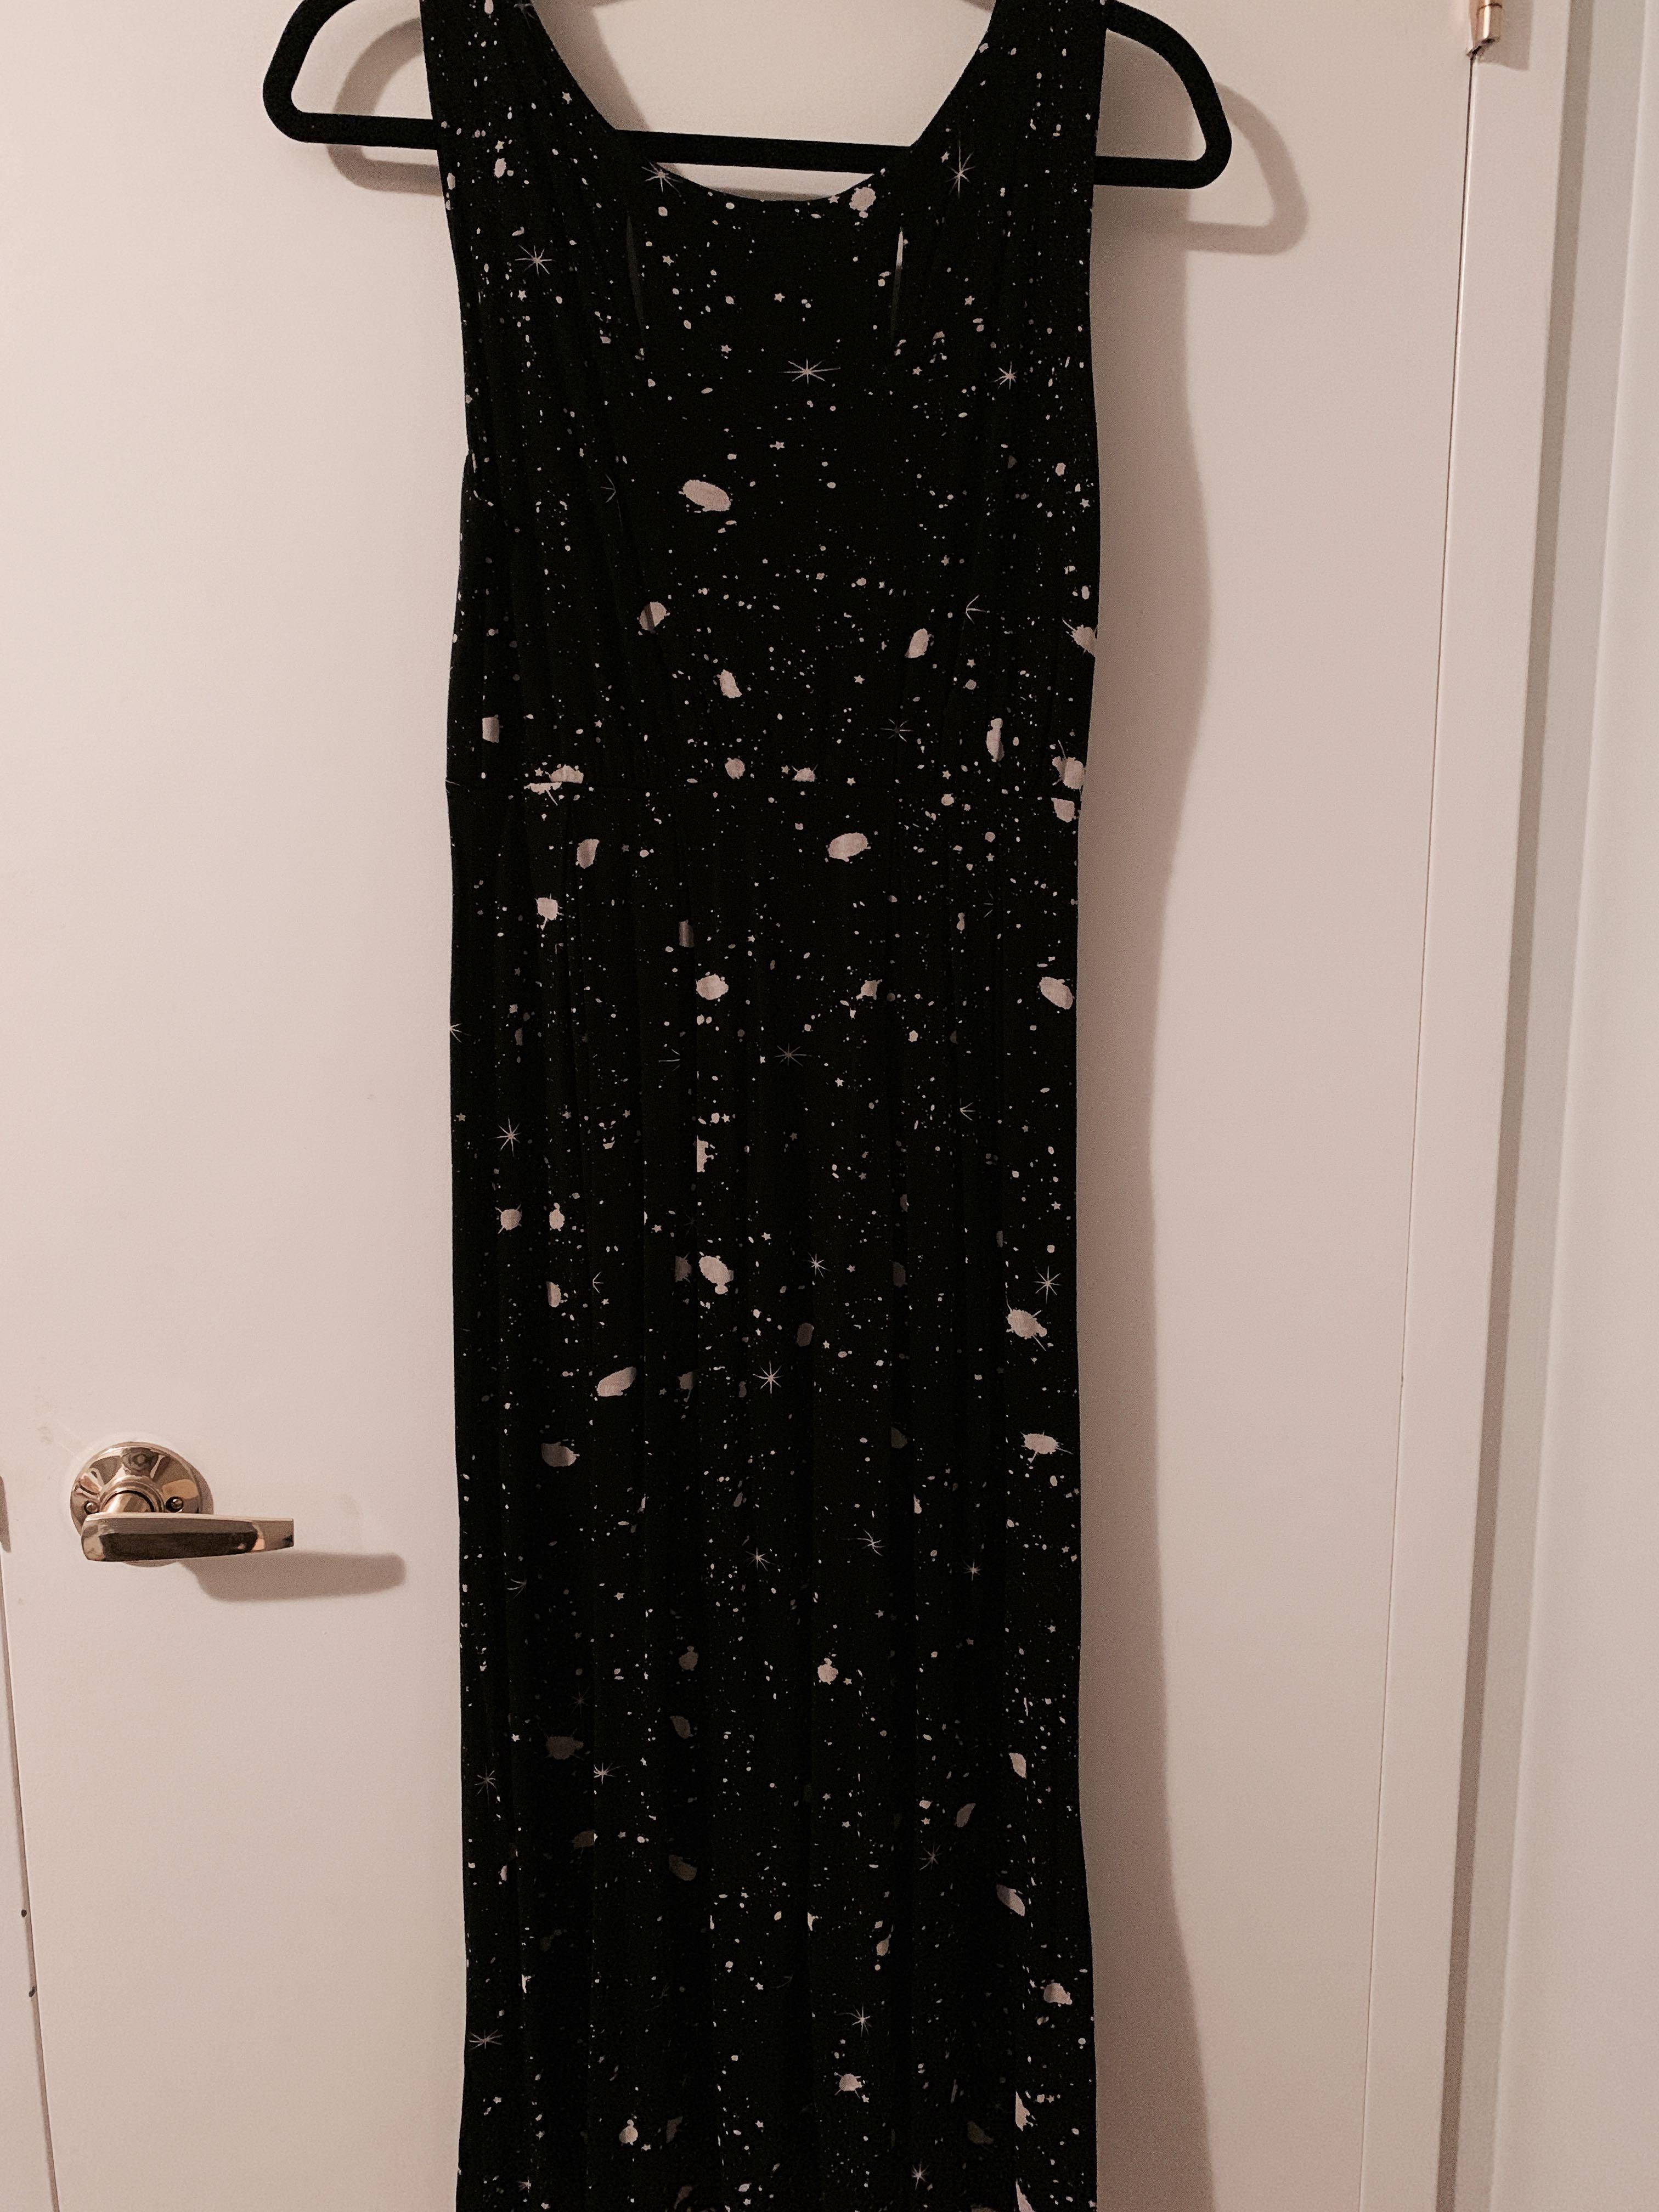 Black Splatter Mid/Maxi dress - size S/M